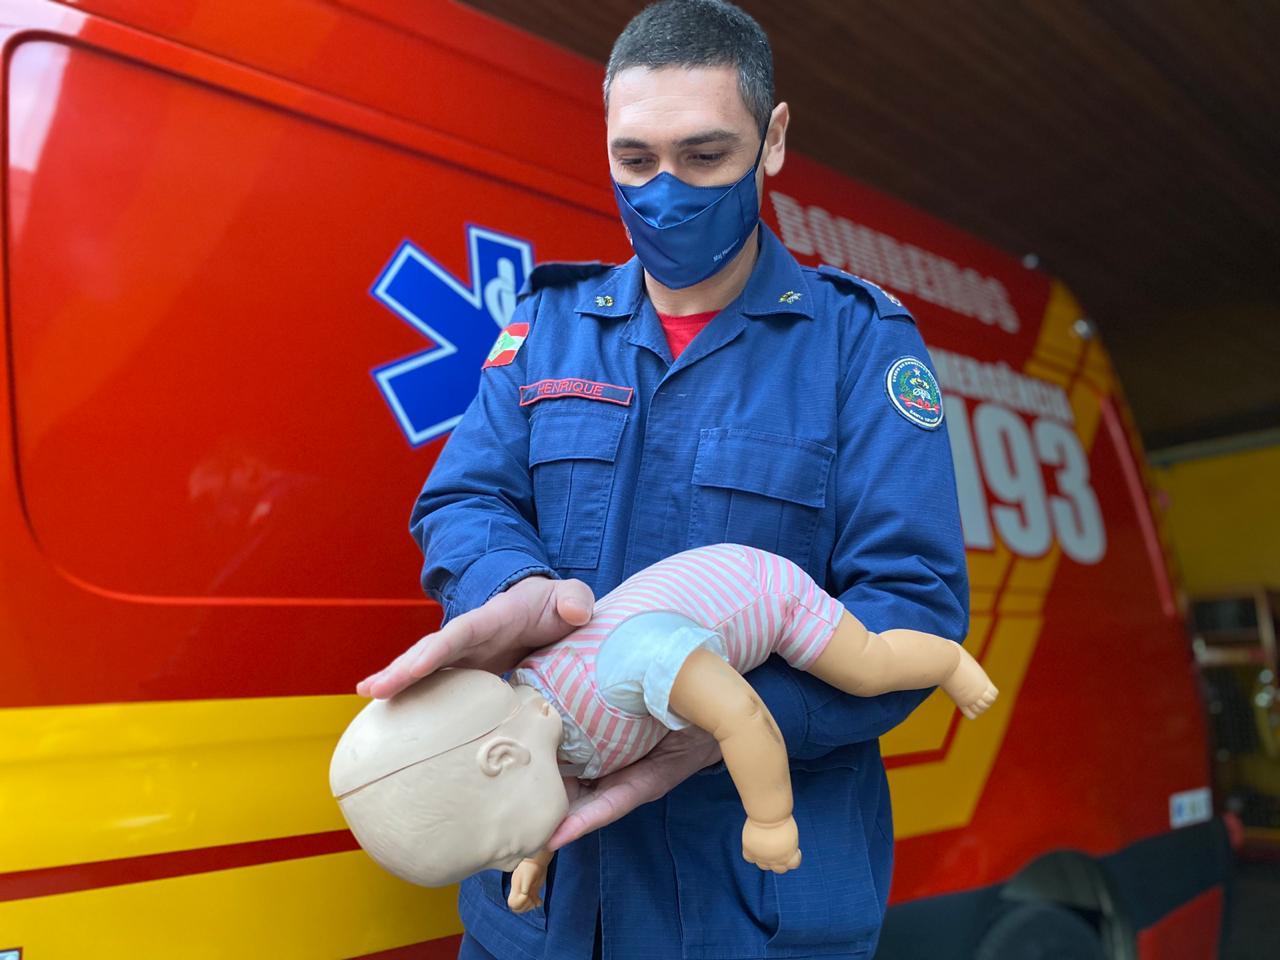 Hospitais devem oferecer treinamentos de primeiros socorros aos pais de recém-nascidos